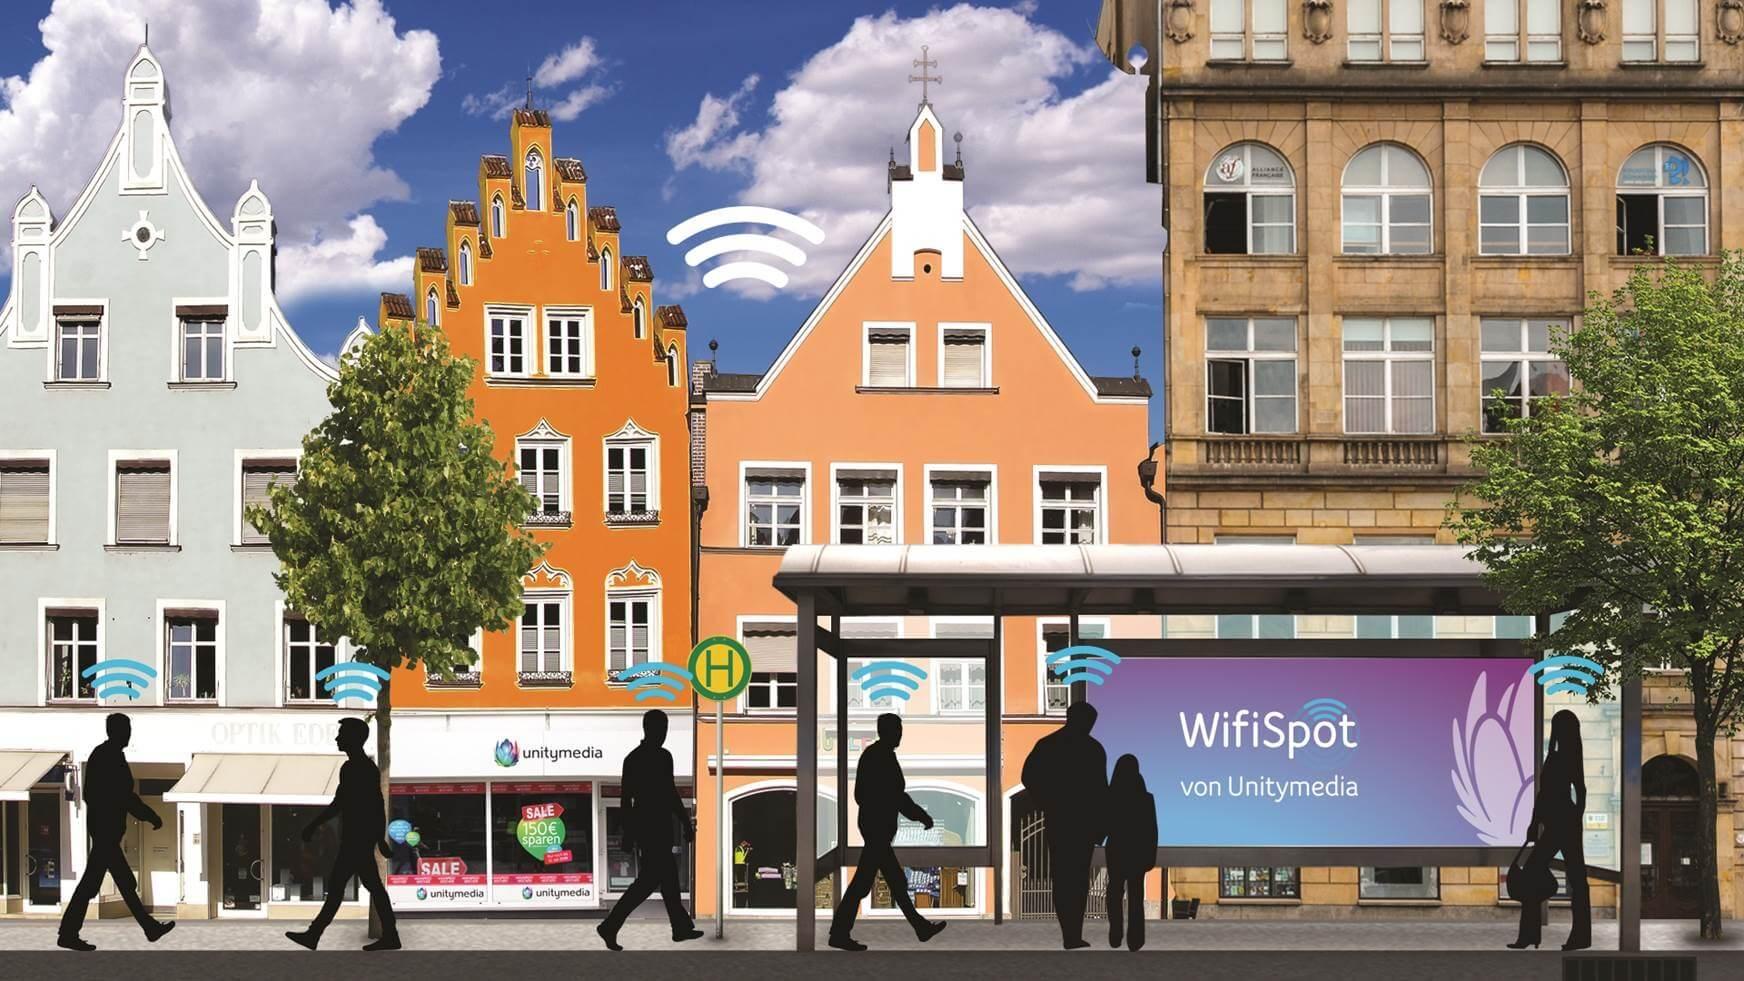 Unitymedia Wifispot Forum